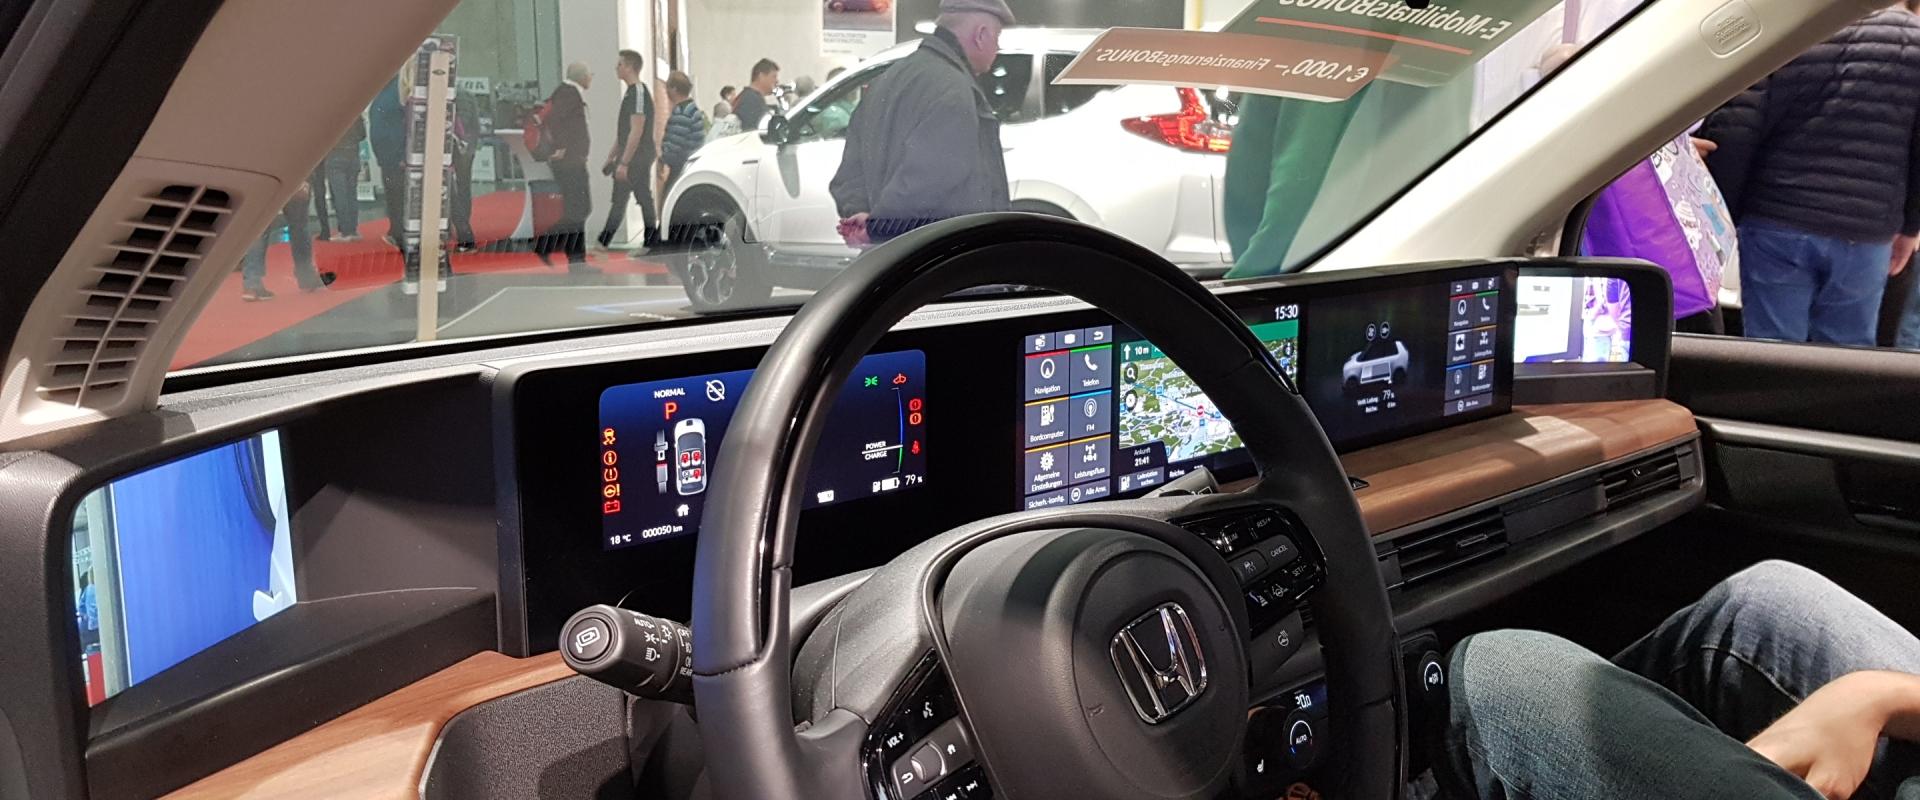 E-Fahrzeuge